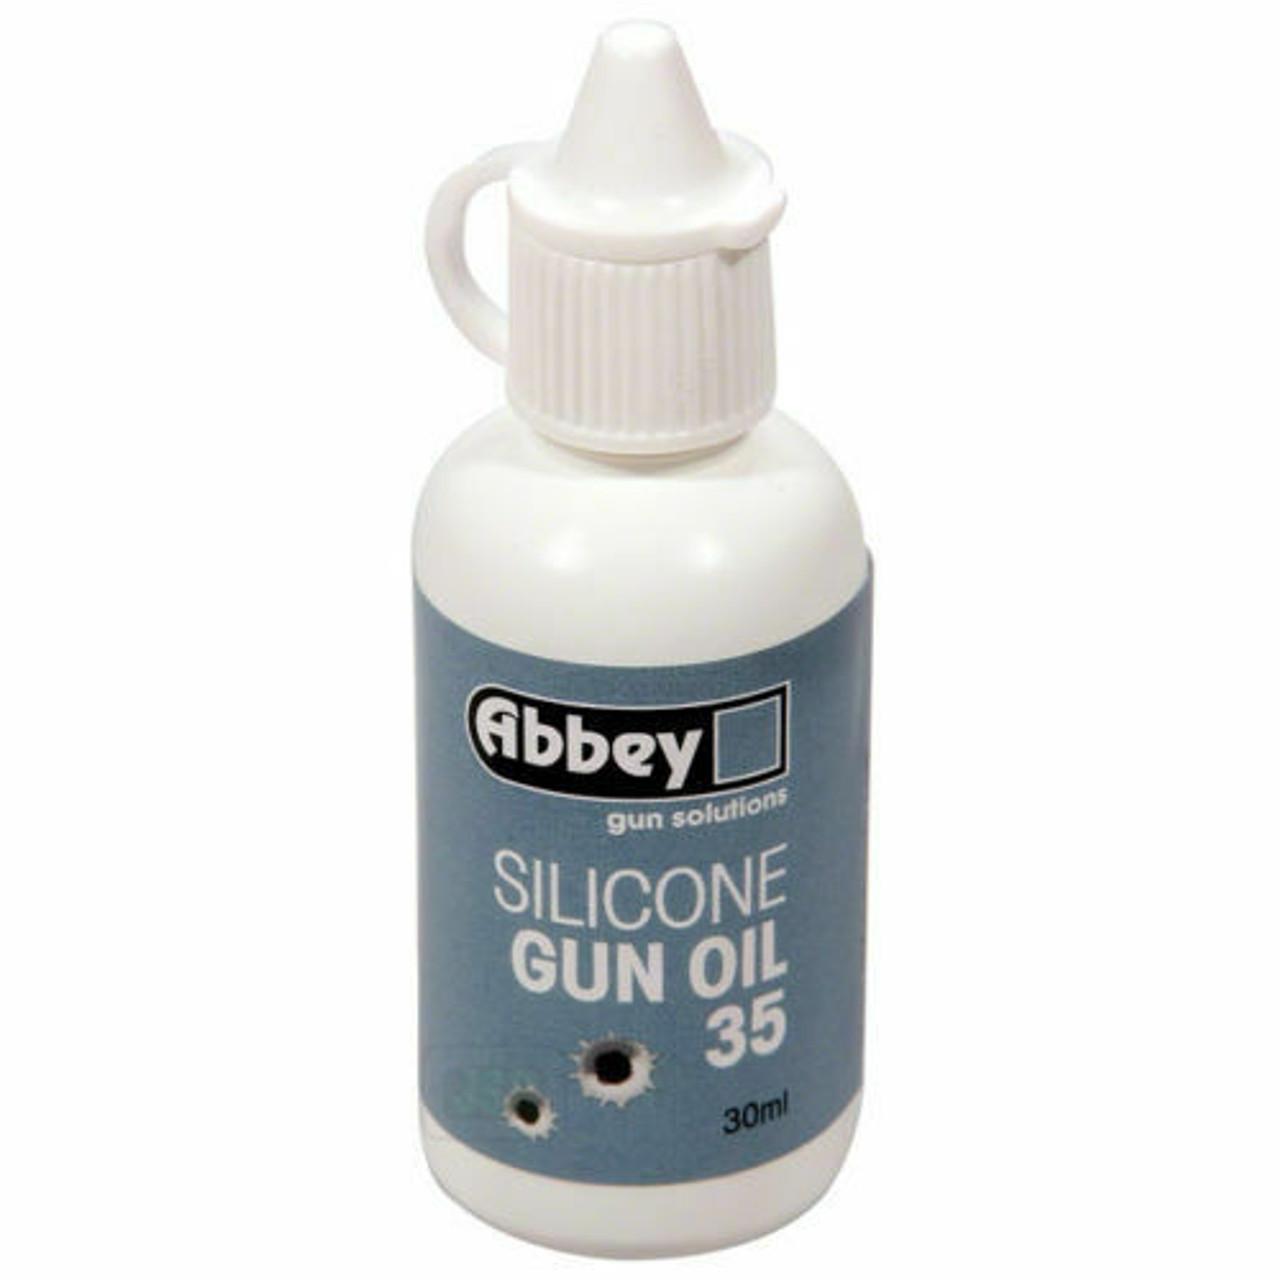 Abbey Silicone Dropper 30ml